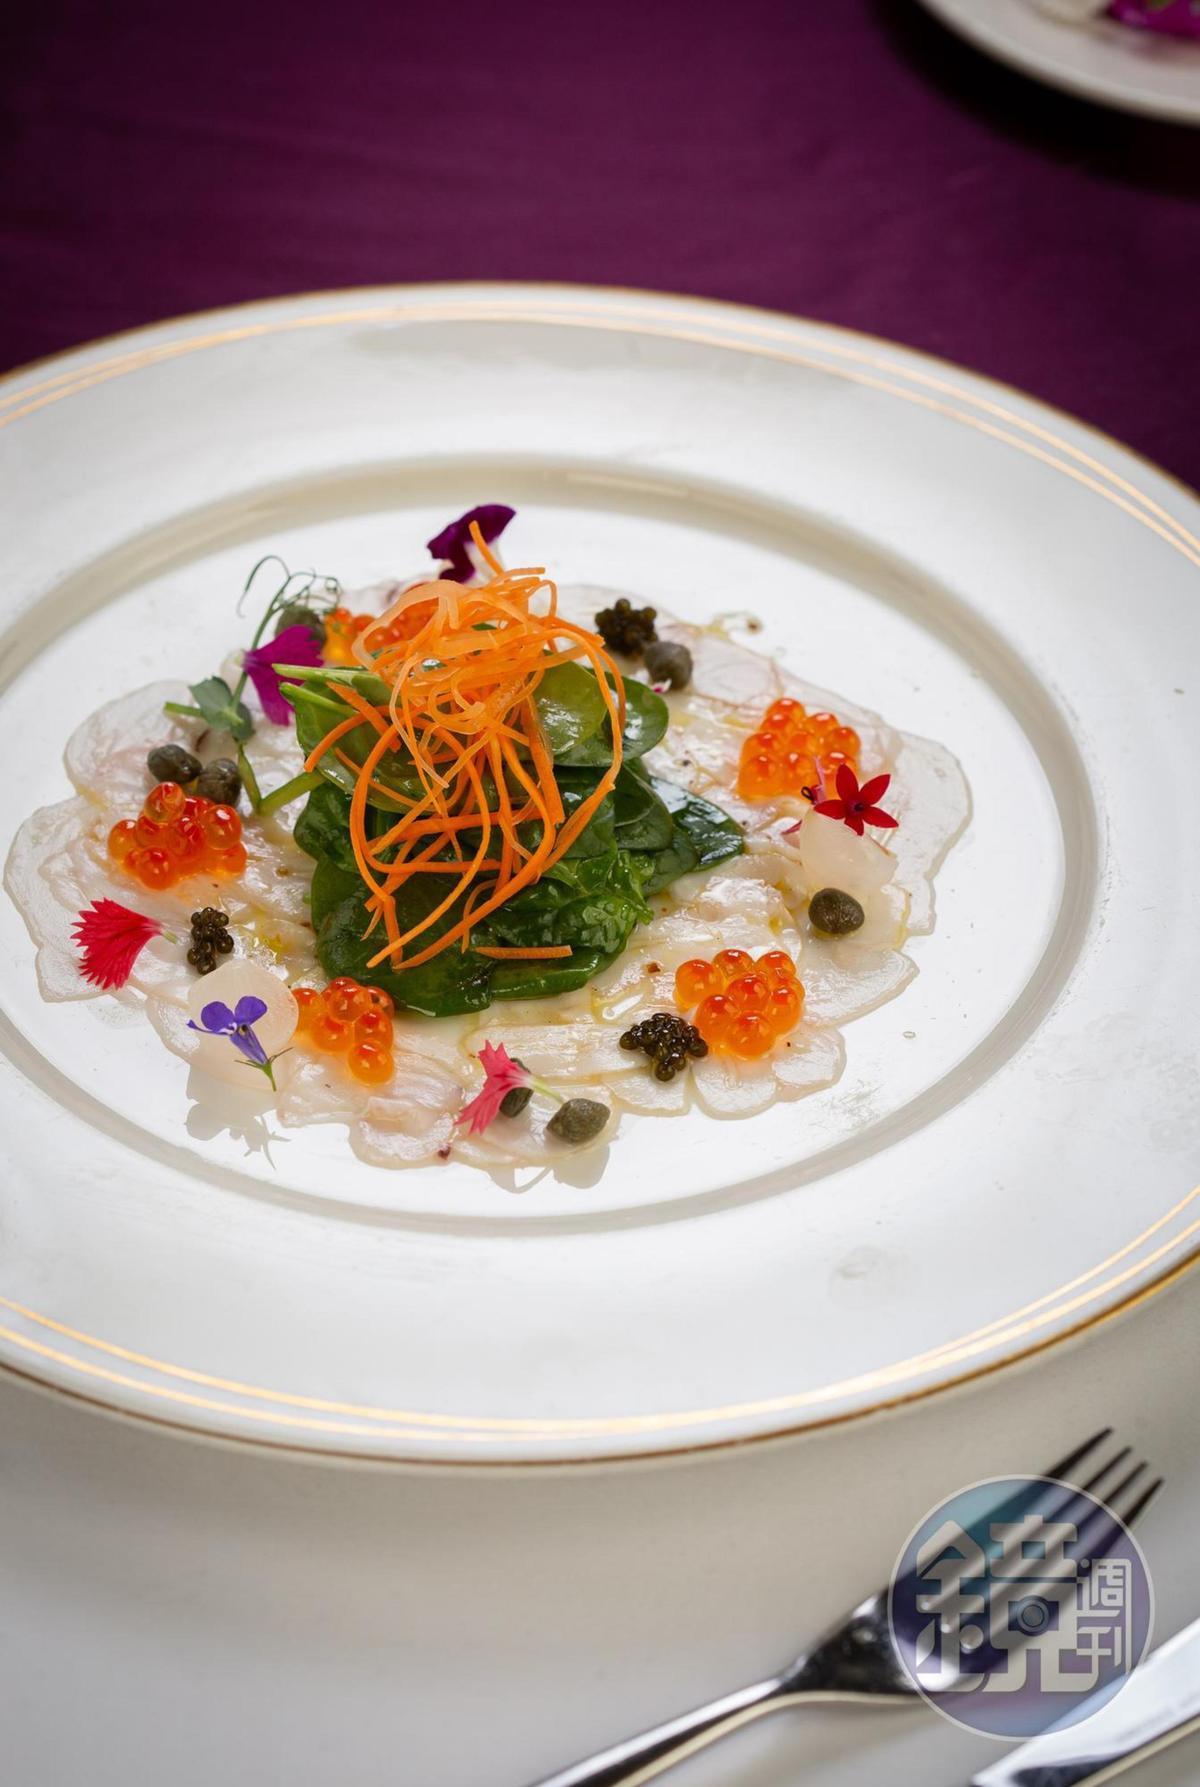 「義式章魚薄片搭配菠菜葉及鮭魚卵」用檸檬汁、蒜頭、巴西里葉,清爽開胃。(480元/份)